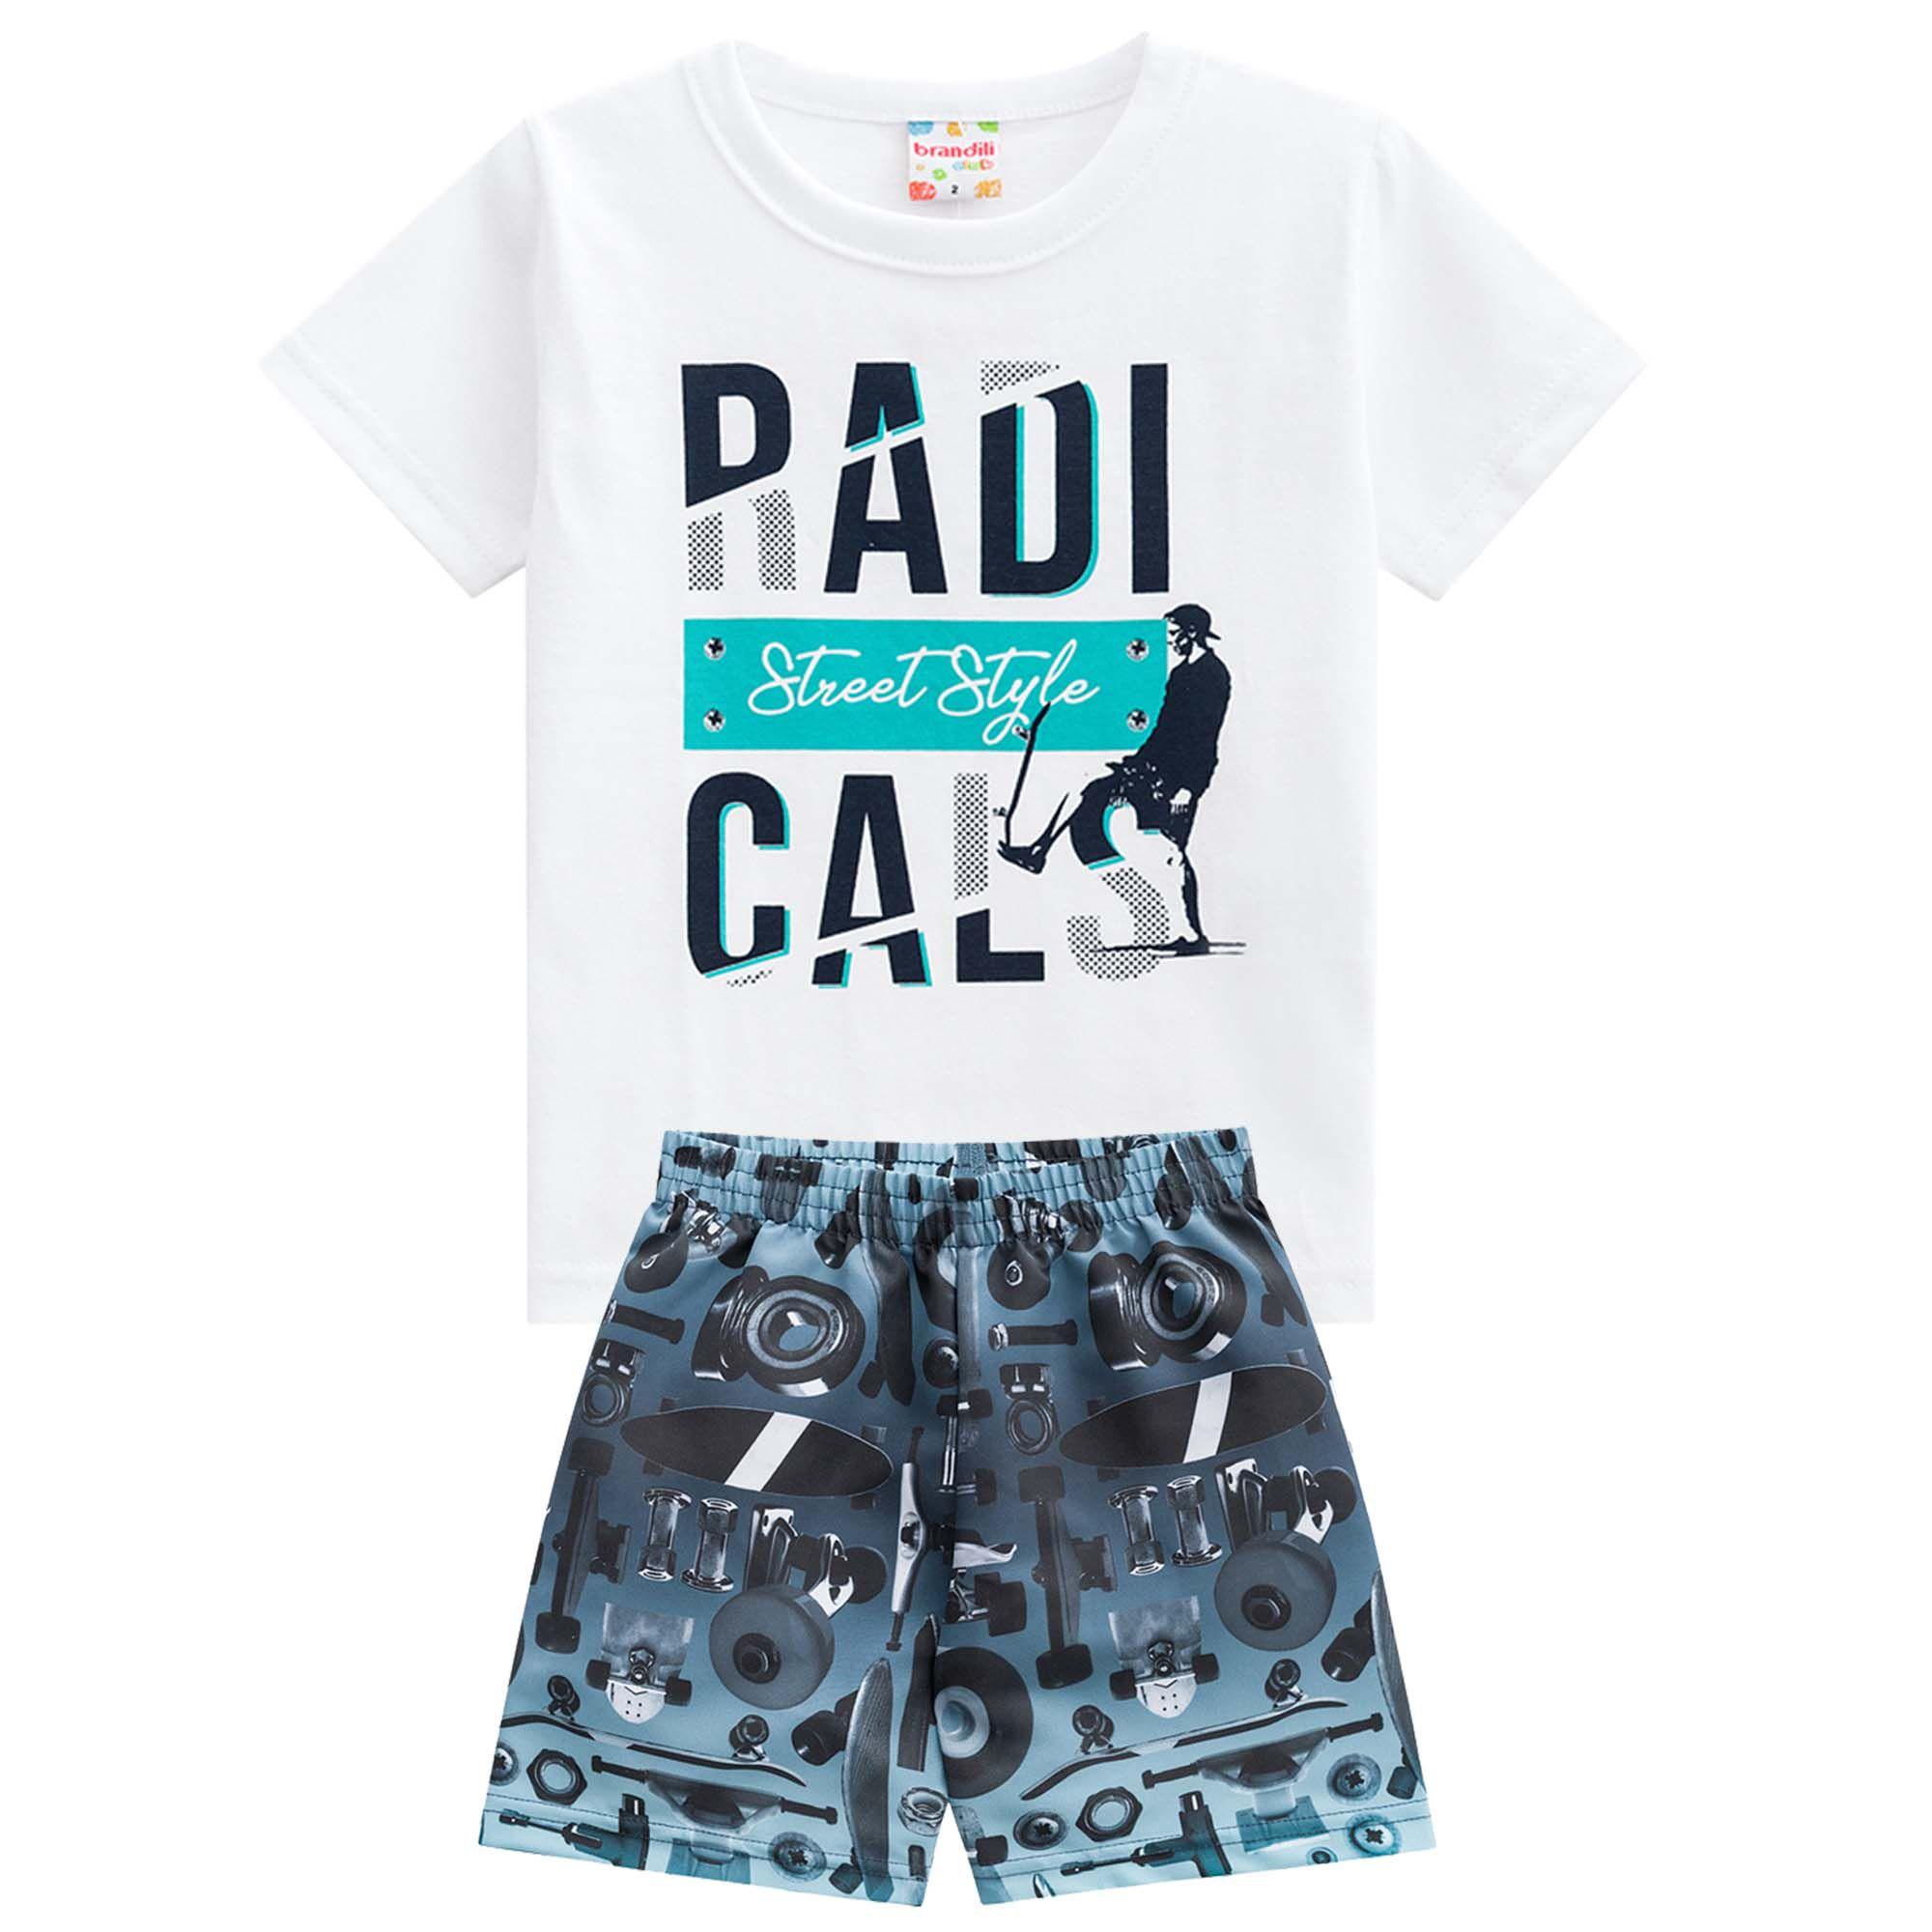 Conjunto Verão Brandili Club Camiseta Radicals Street Style com Bermuda - 4 ao 10